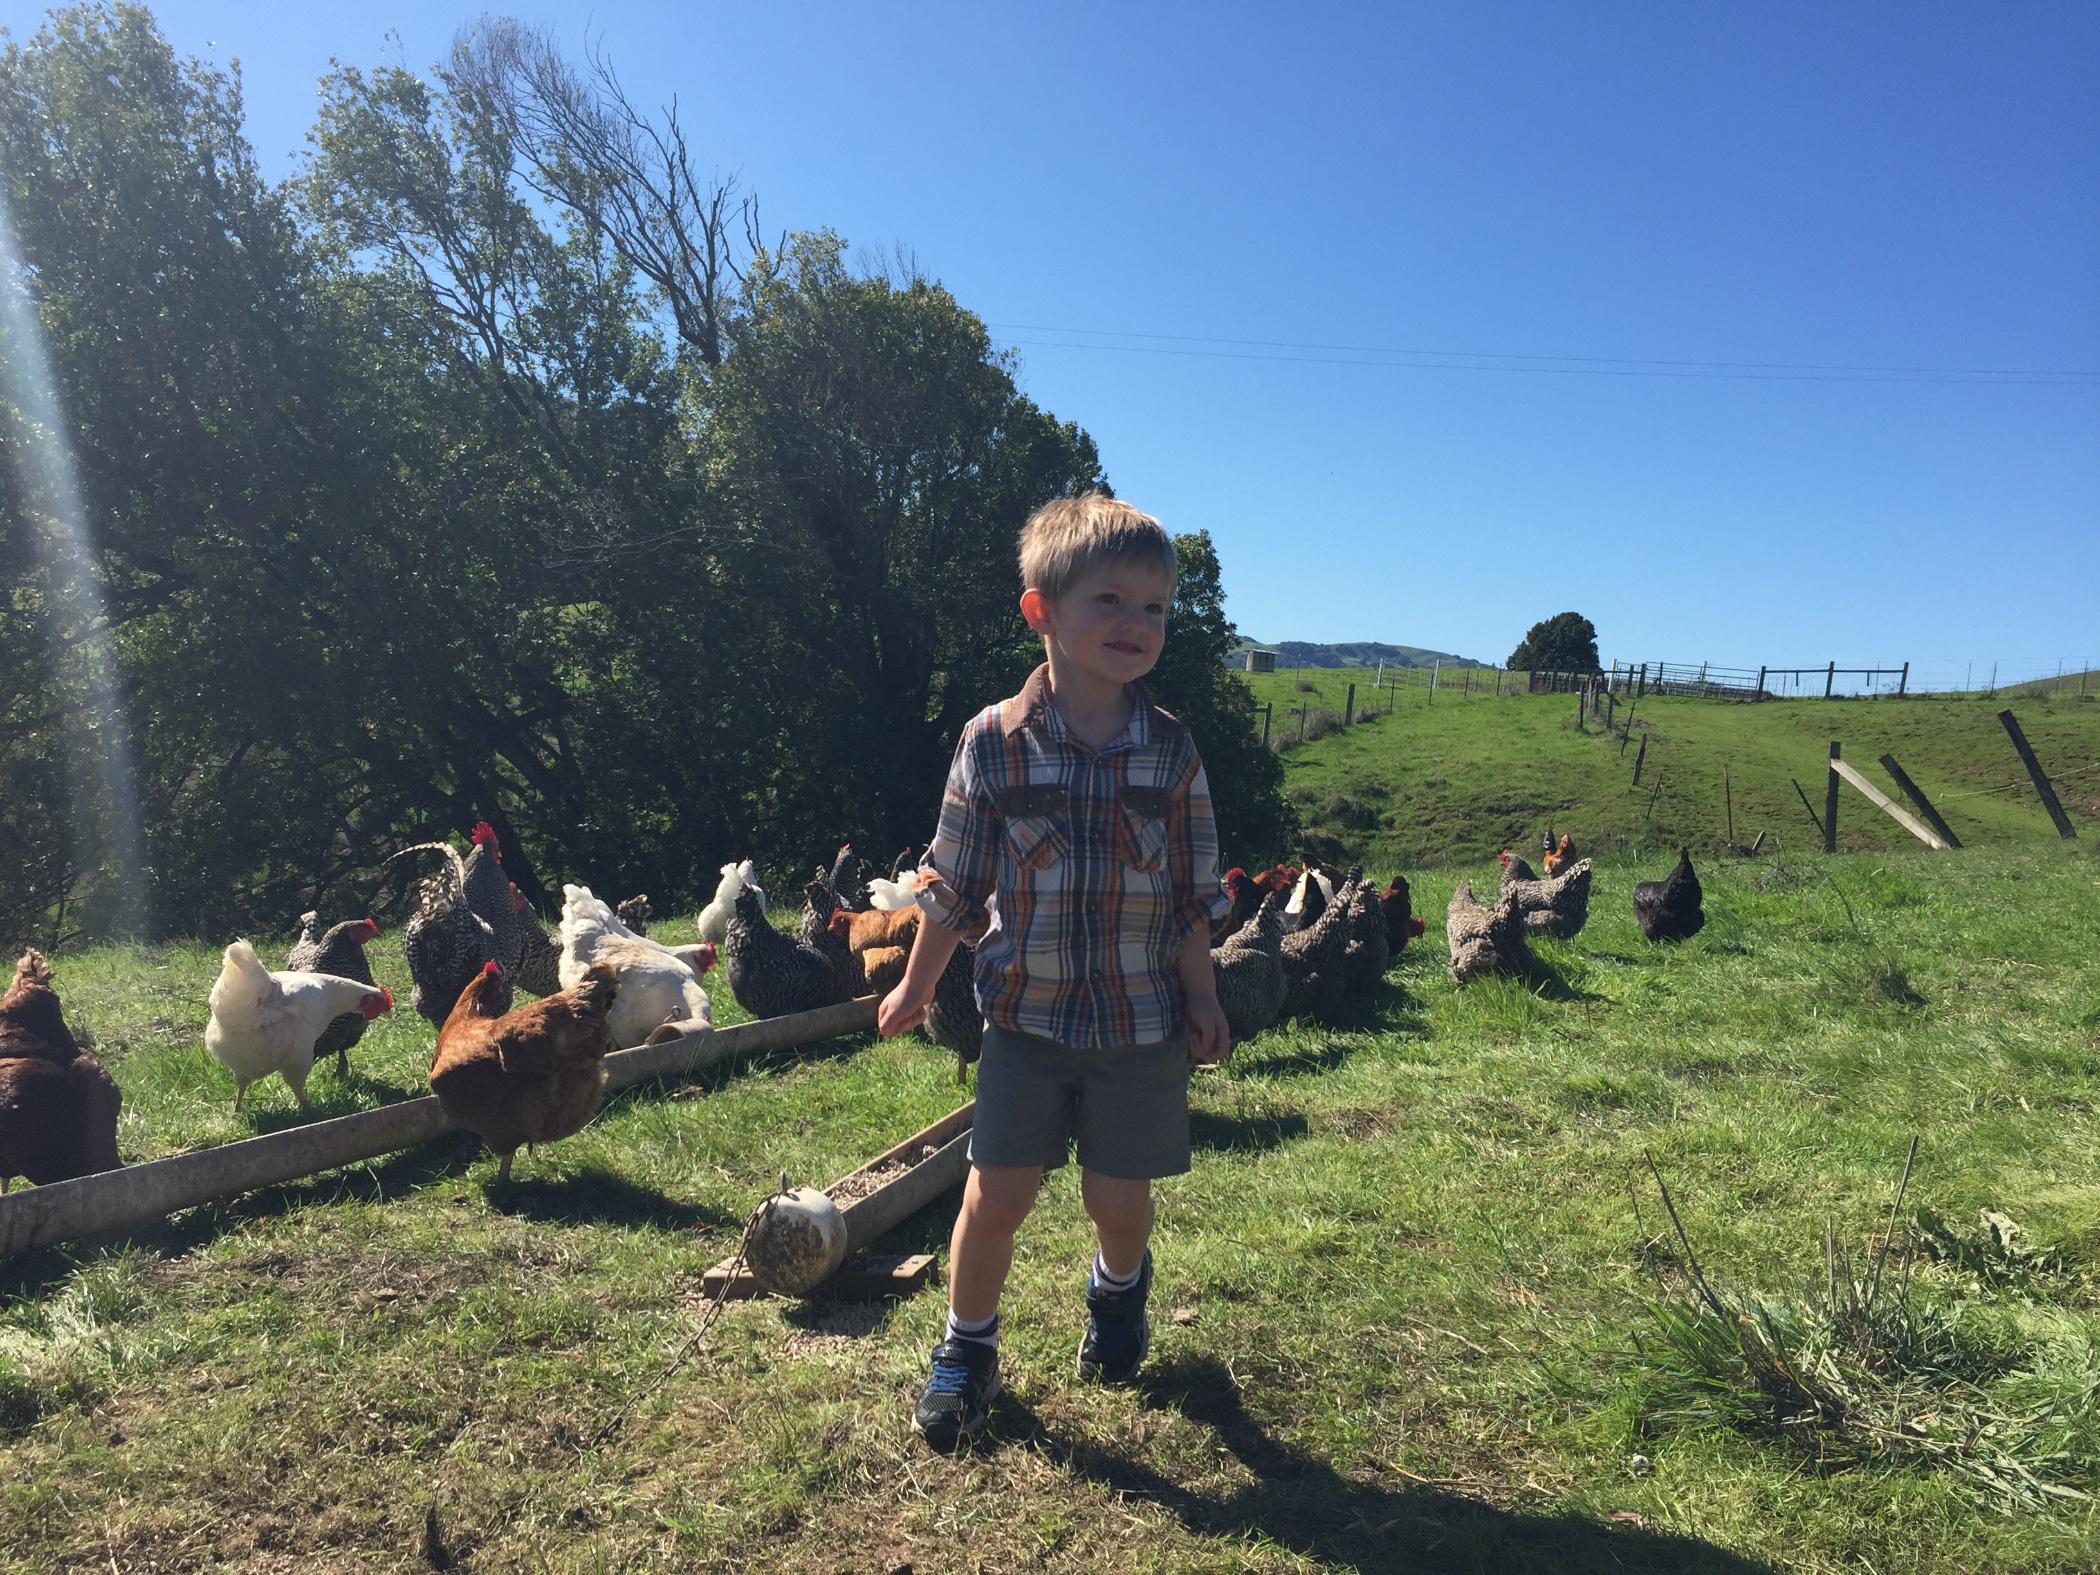 Luke_on_farm